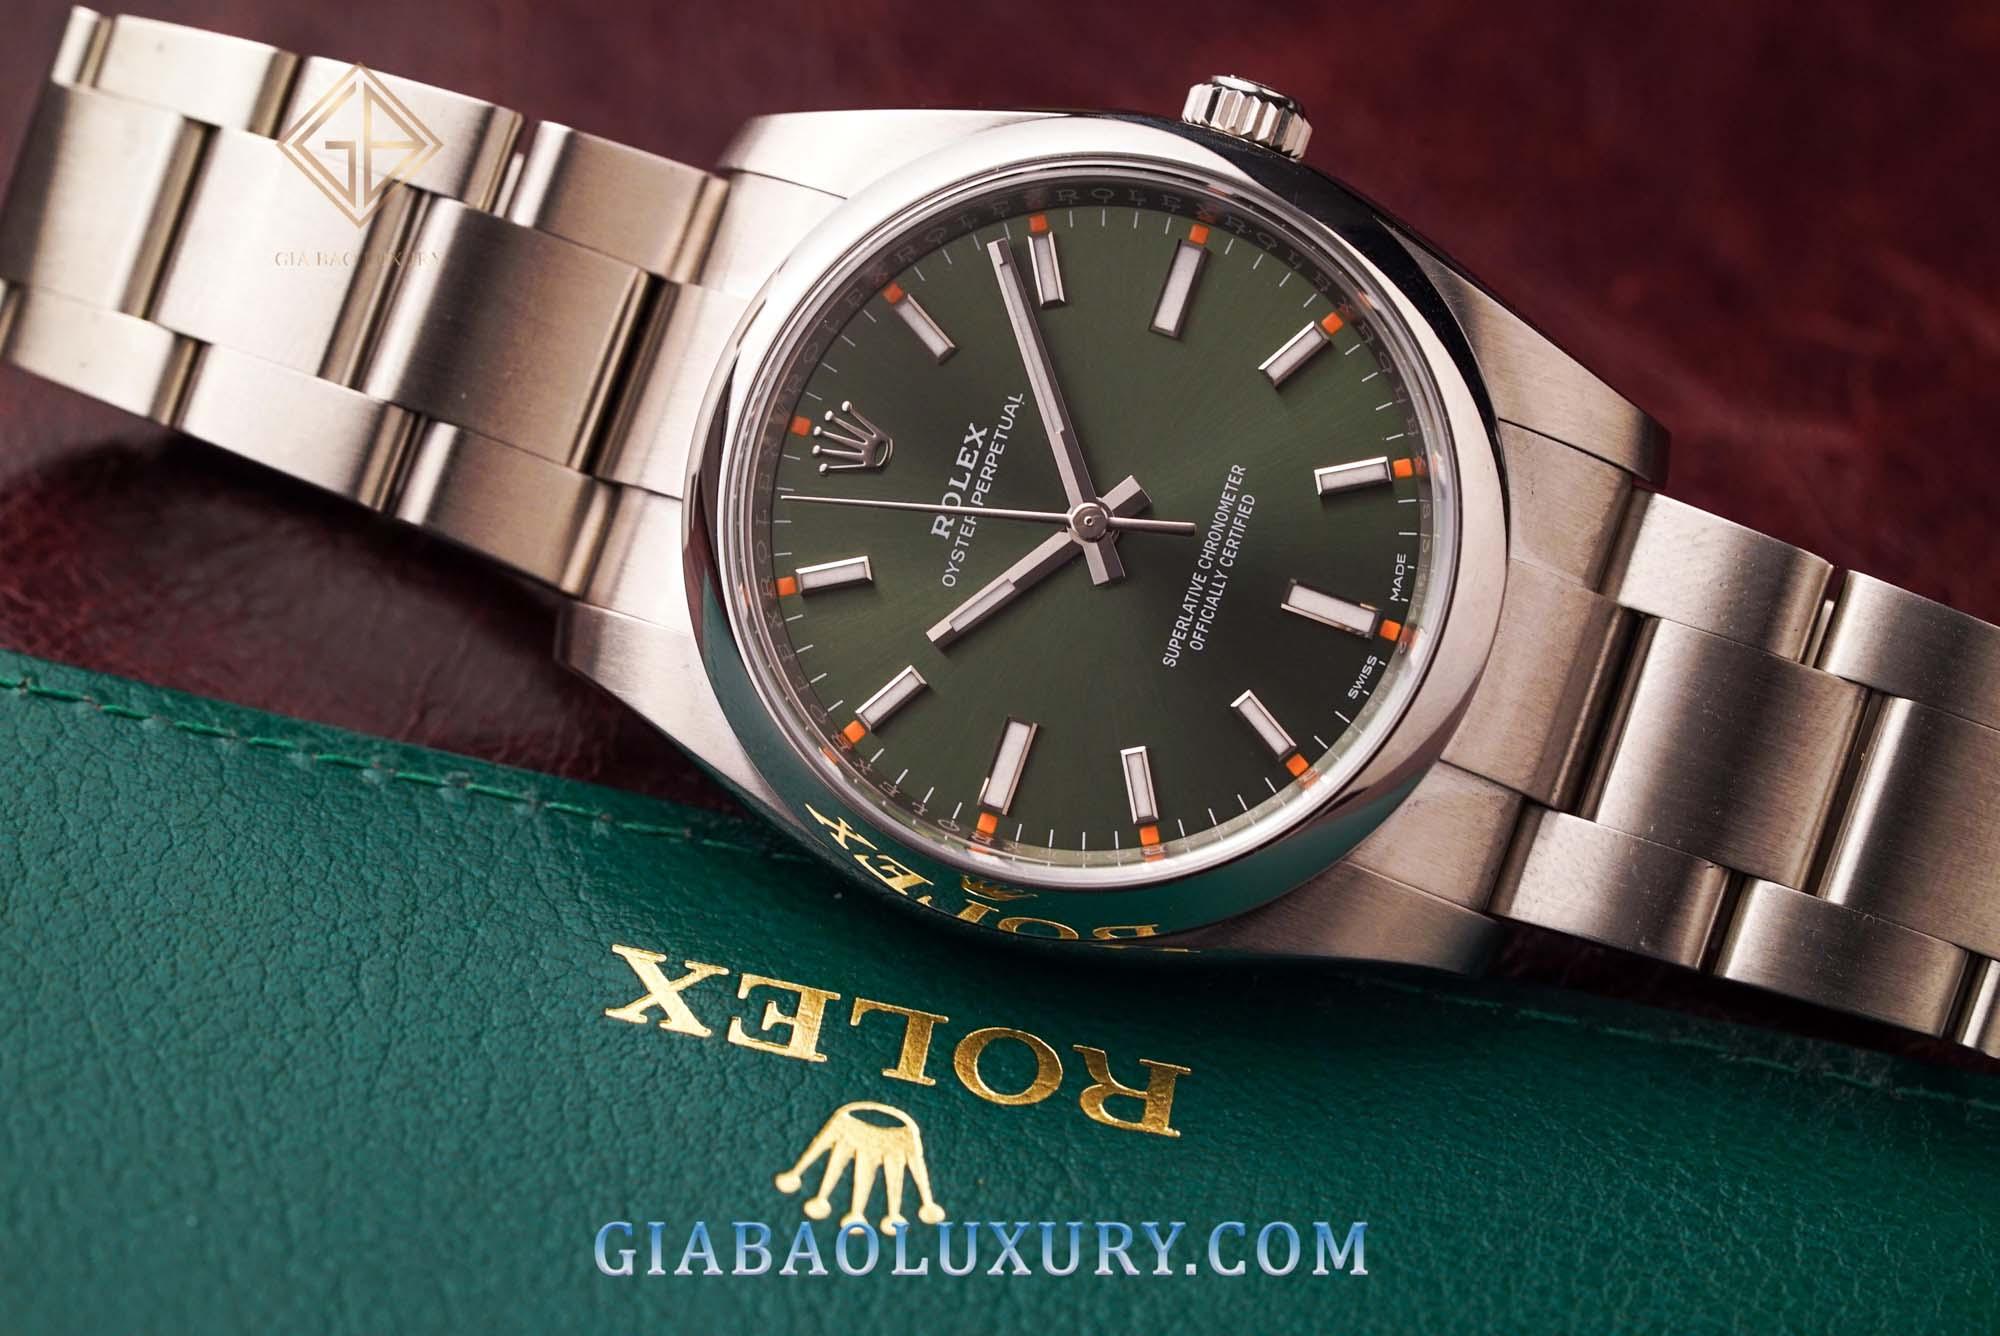 Gia Bảo Luxury - Địa chỉ bán sẵn đồng hồ Rolex Oyster Perpetual 114200 uy tín toàn quốc